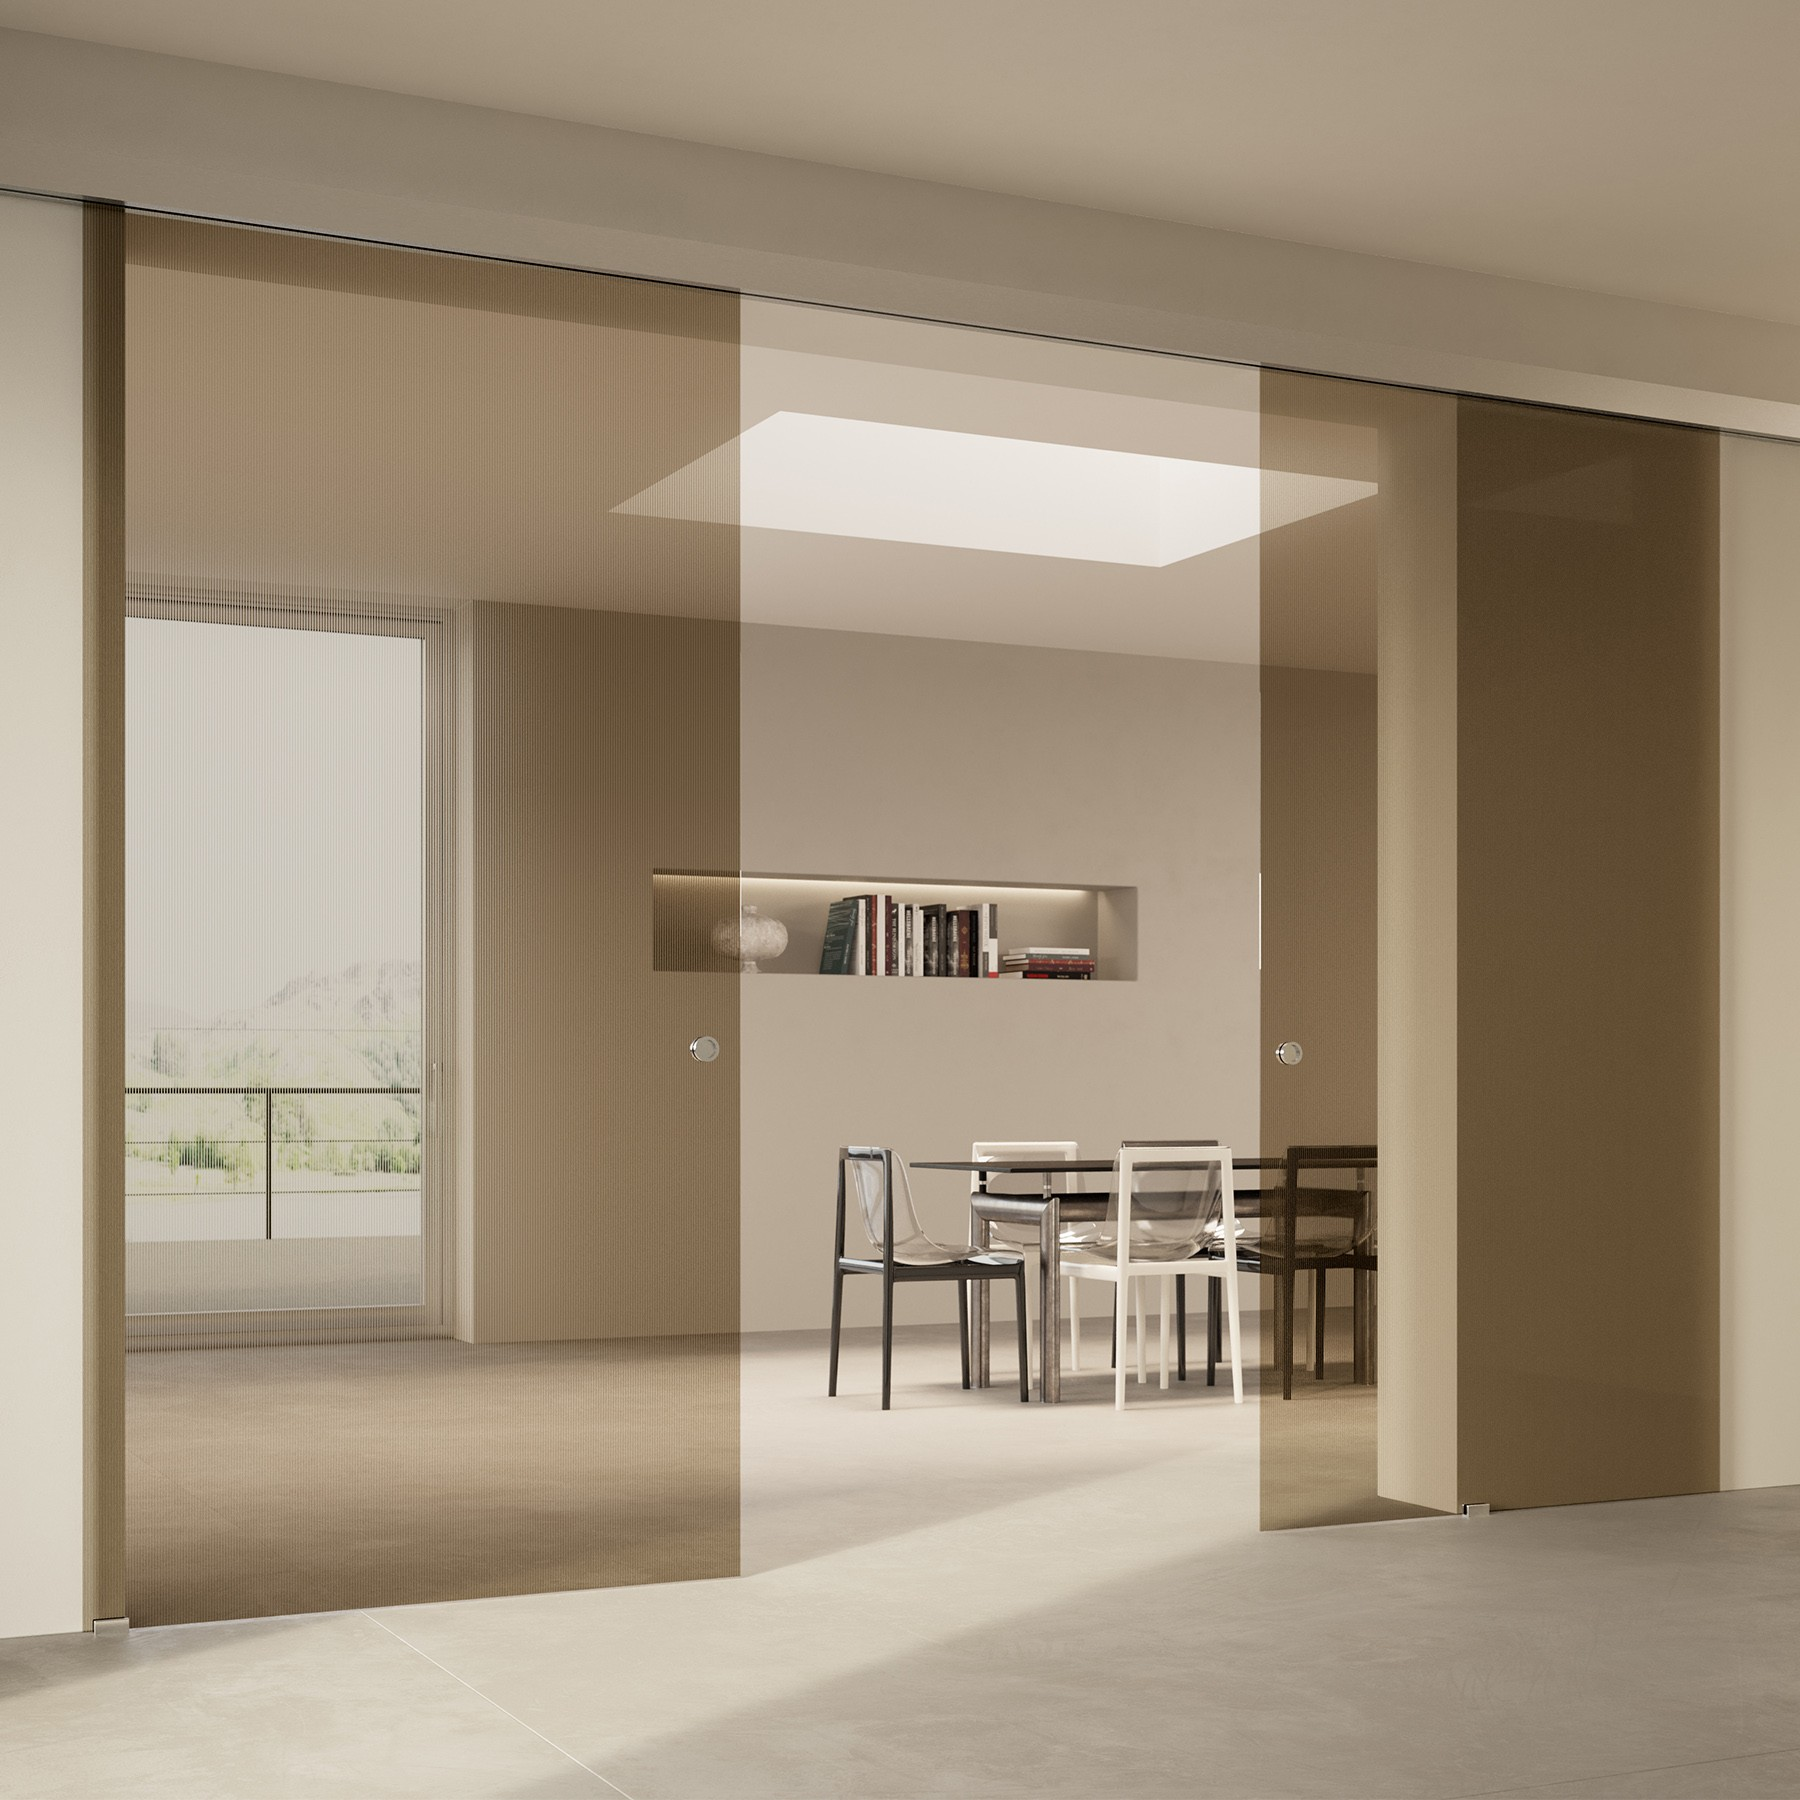 Scenario Visio with Chillout Trasparente Bronzo glass